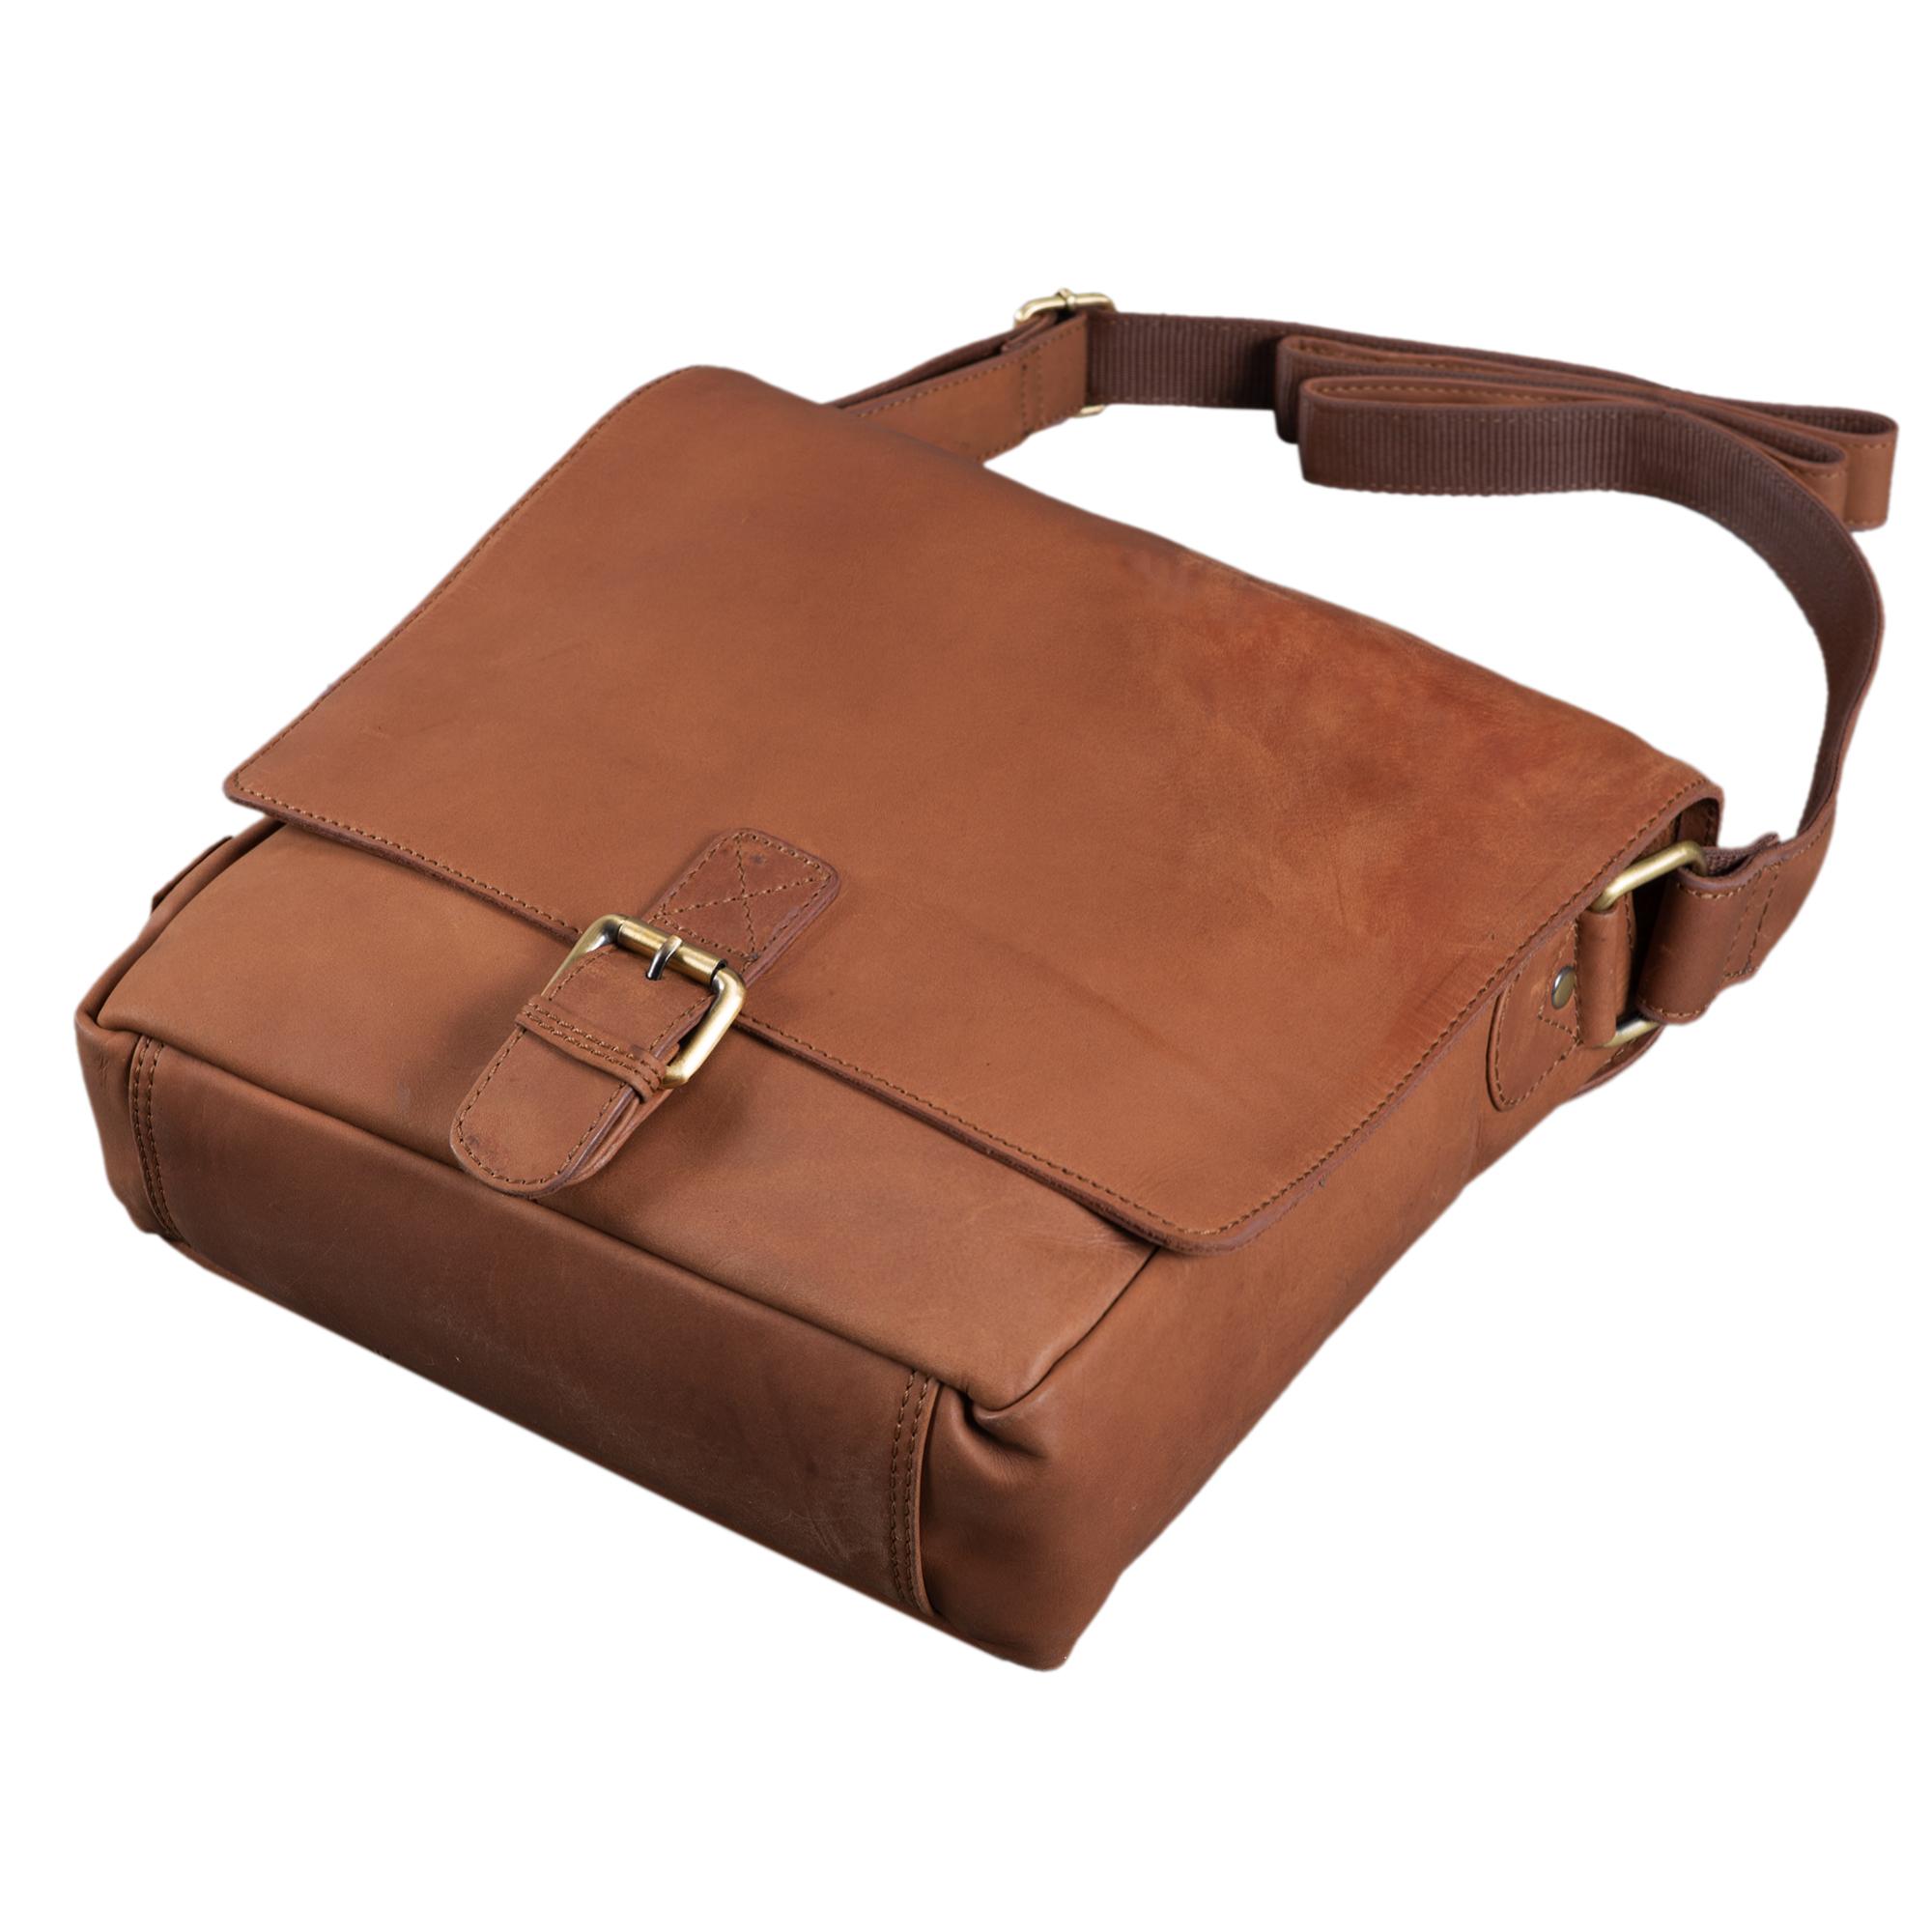 """STILORD """"Timo"""" Vintage Messenger Bag Leder klein für Herren und Damen moderne Umhängetasche für 10.1 Zoll Tablet iPad DIN A5 Cross Body Bag Echtleder - Bild 13"""